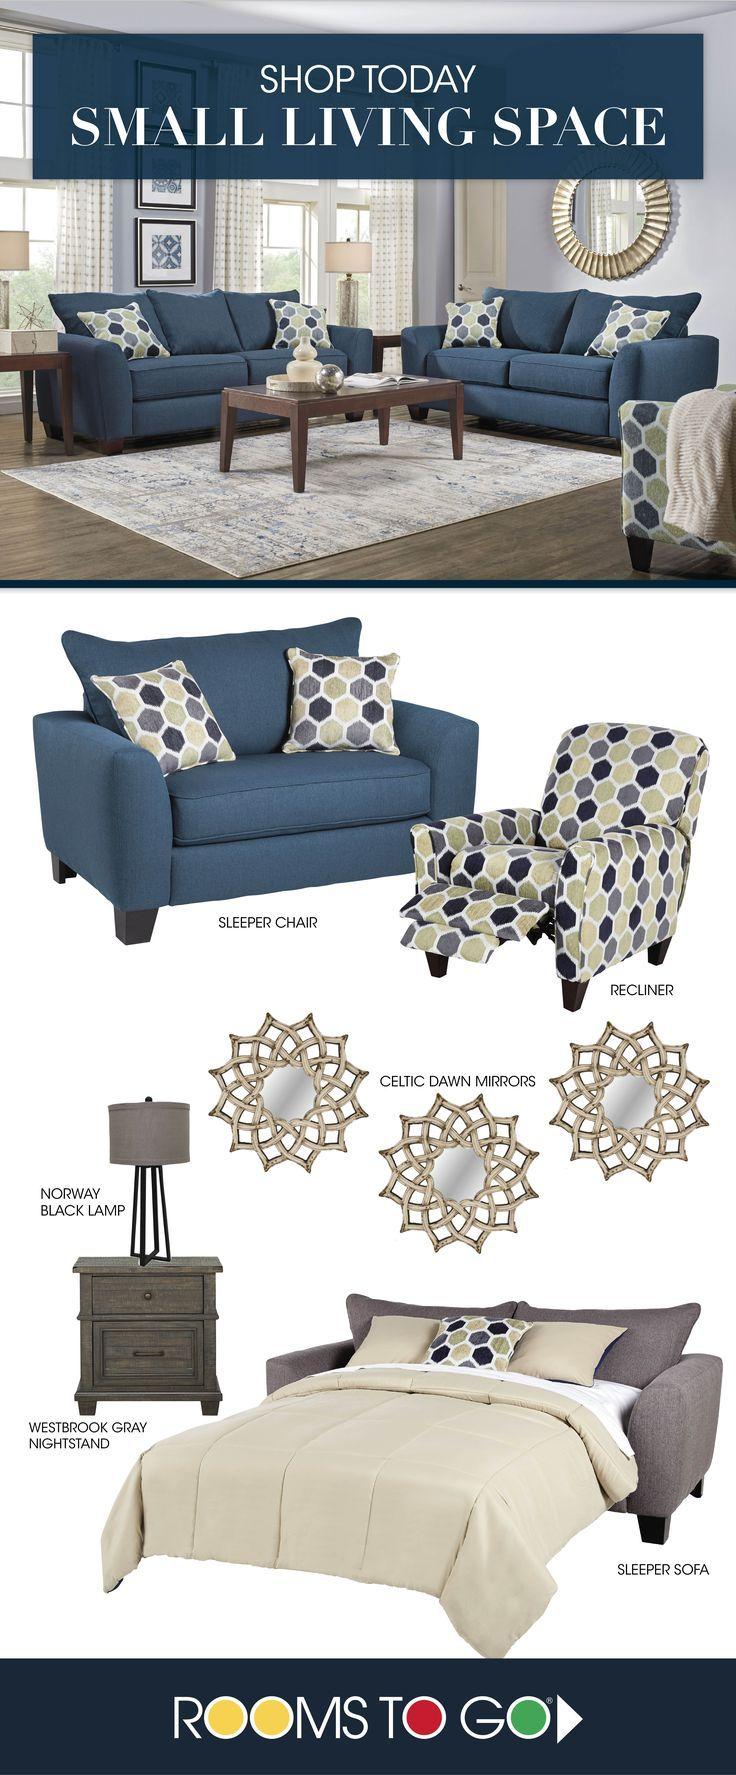 Motanu Homedecor Xyz Nbspmotanu Homedecor Resources And Information Home Home Living Room Home Decor Pc living room decor set by home